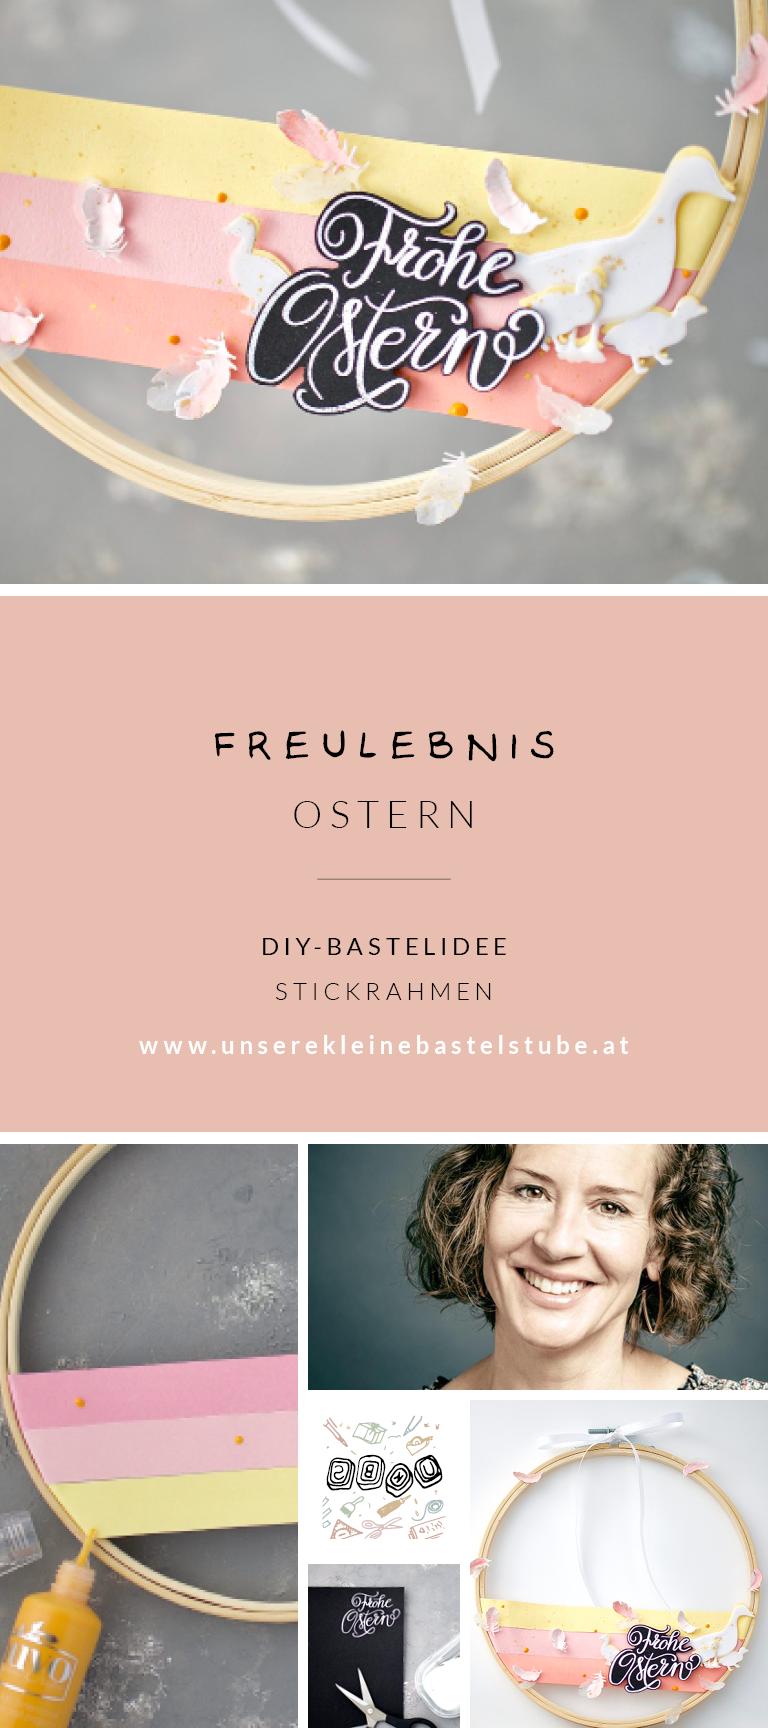 ukbs_pinterest_ostern-stickrahmen